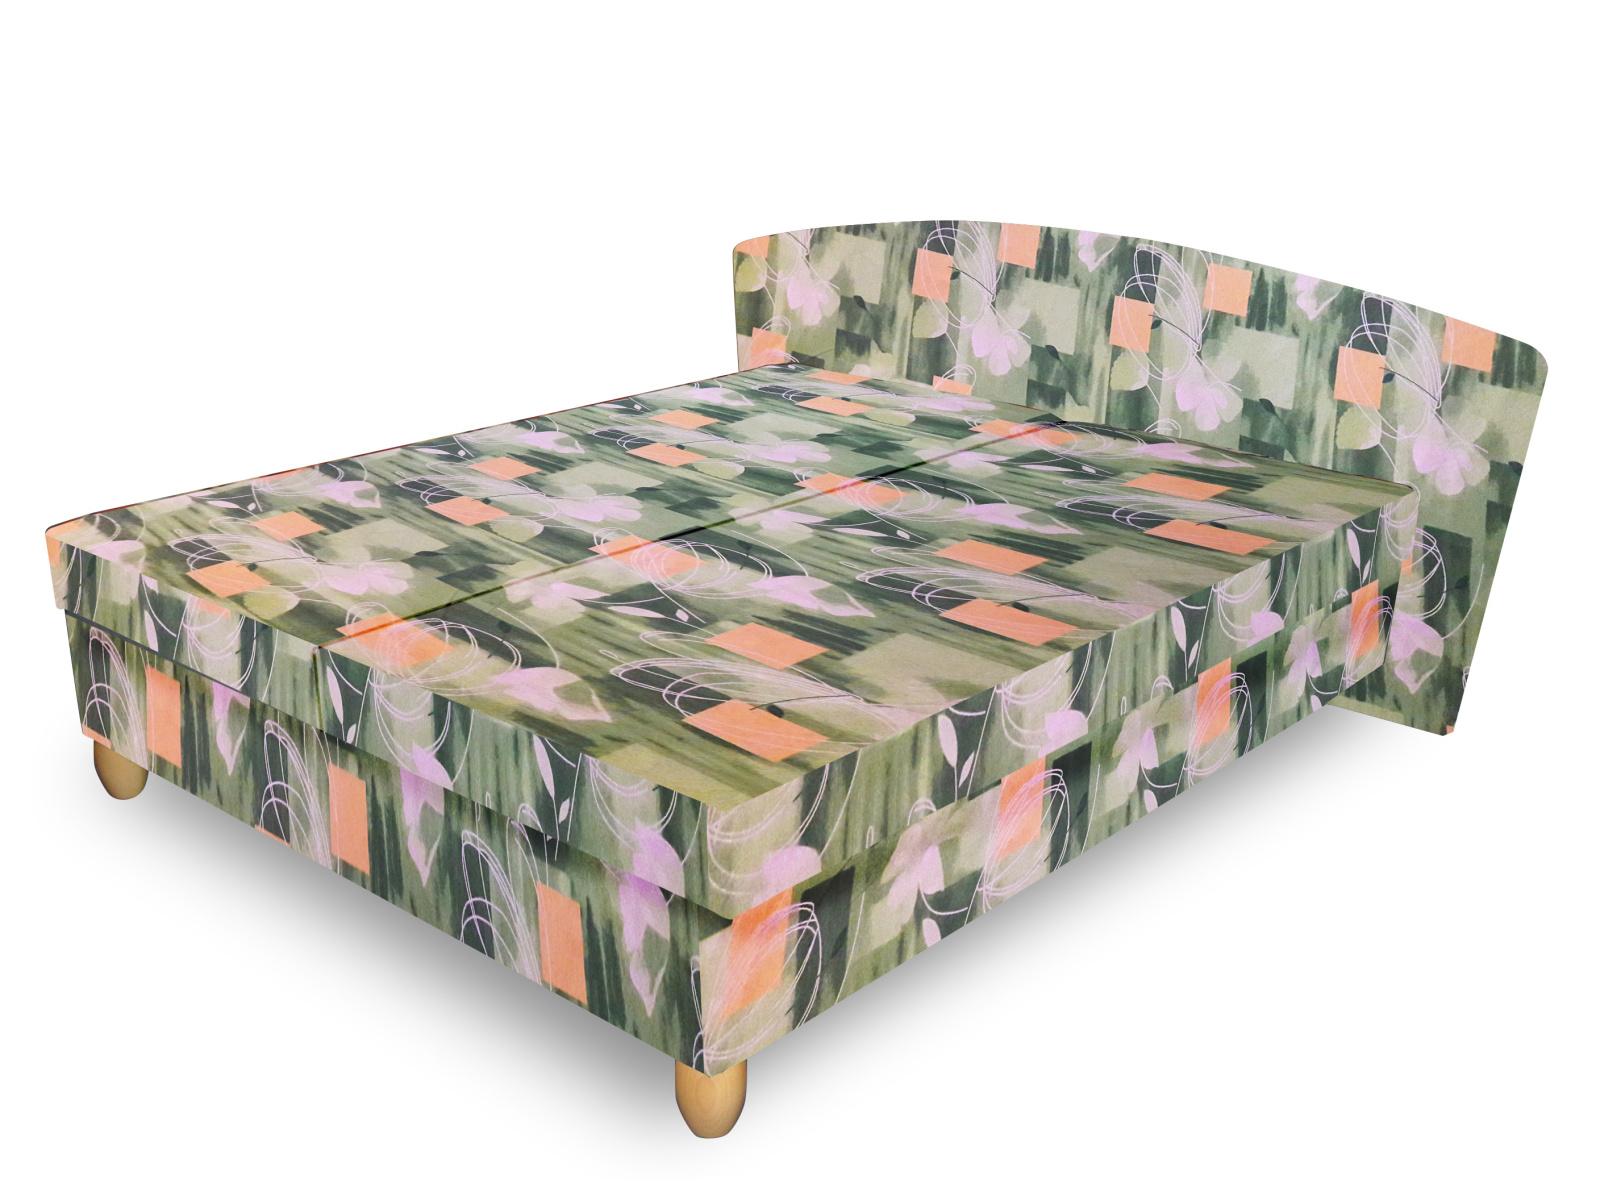 Smartshop Čalouněná postel NICOL 120x200 cm, zelená látka